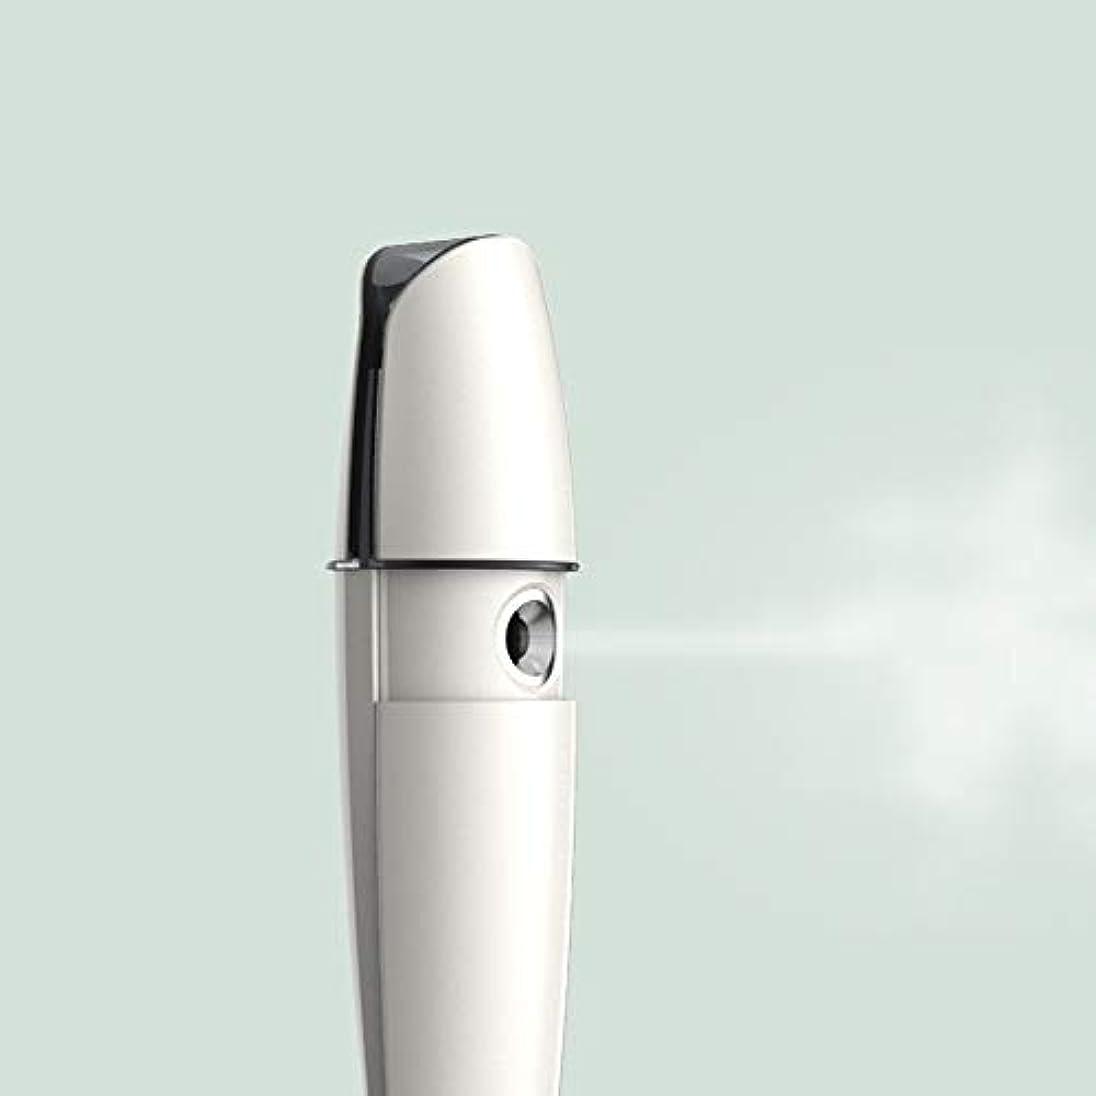 放射能安価な近代化するZXF 充電式コールドスプレー機家庭用スチームフェイス美容機器ナノスプレーフェイス加湿水道メーターホワイトABS素材 滑らかである